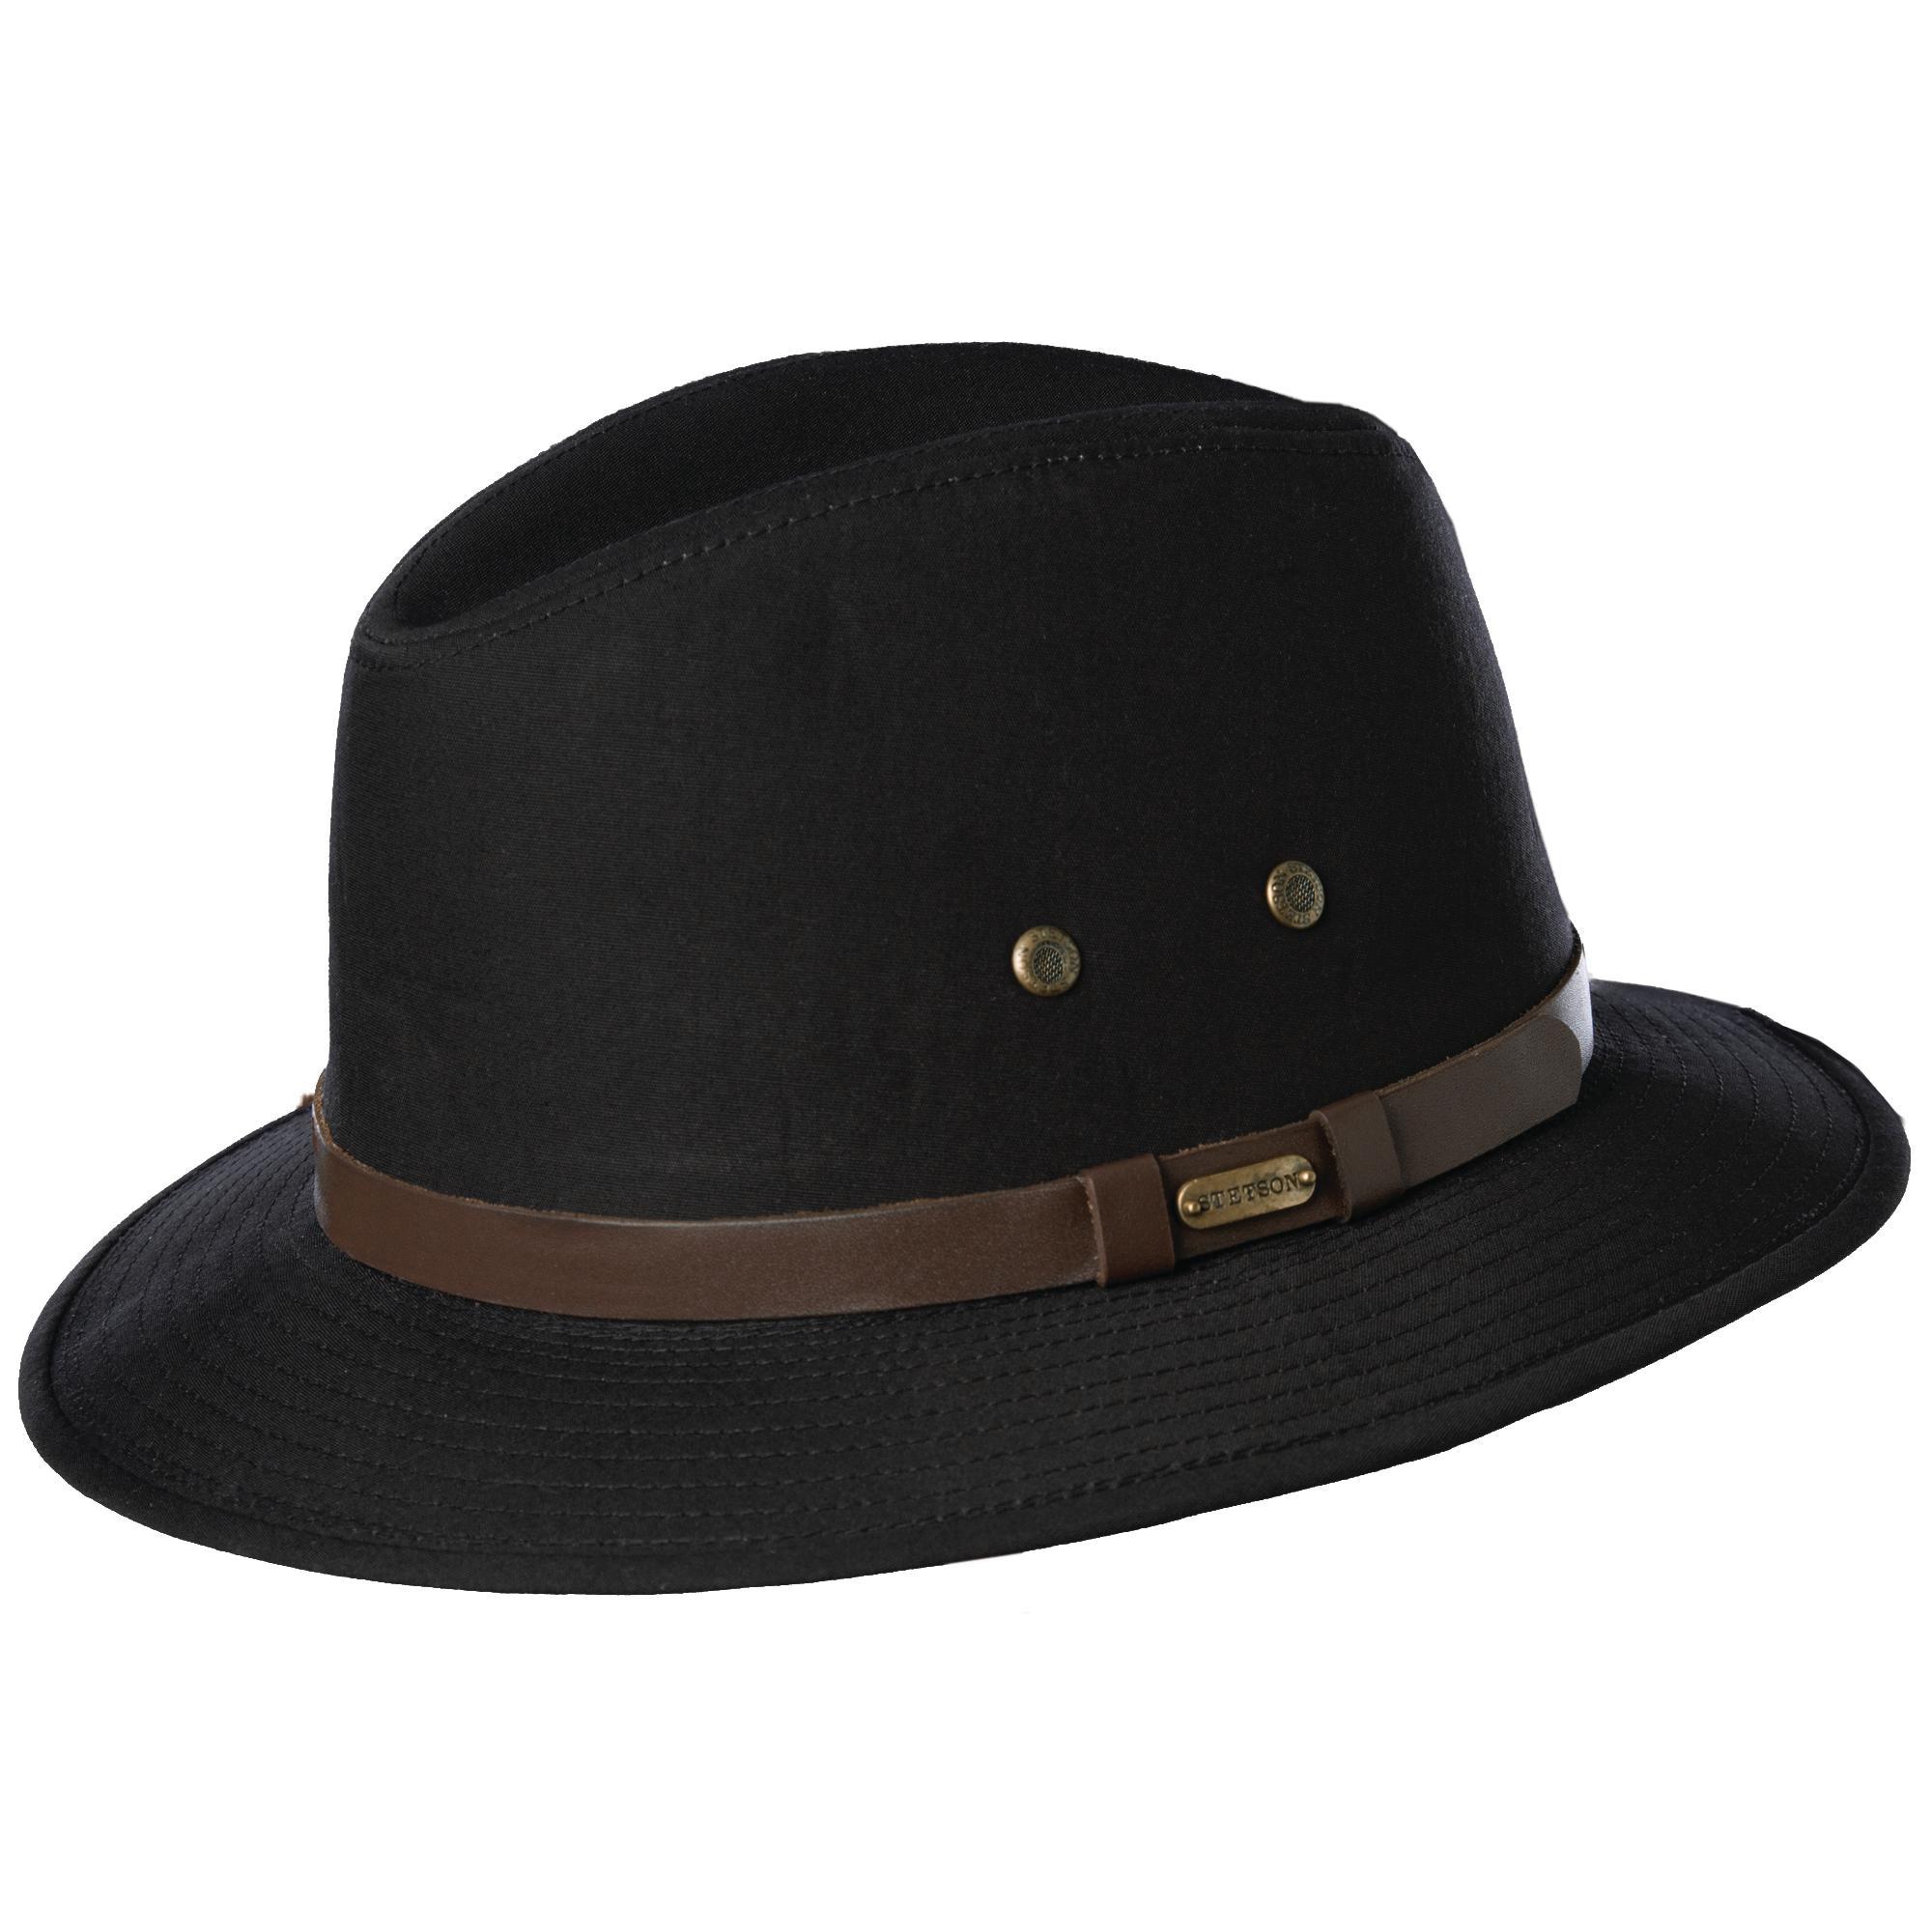 a378ebf77221b Stetson Men s Water Repellent Gable Safari Hat